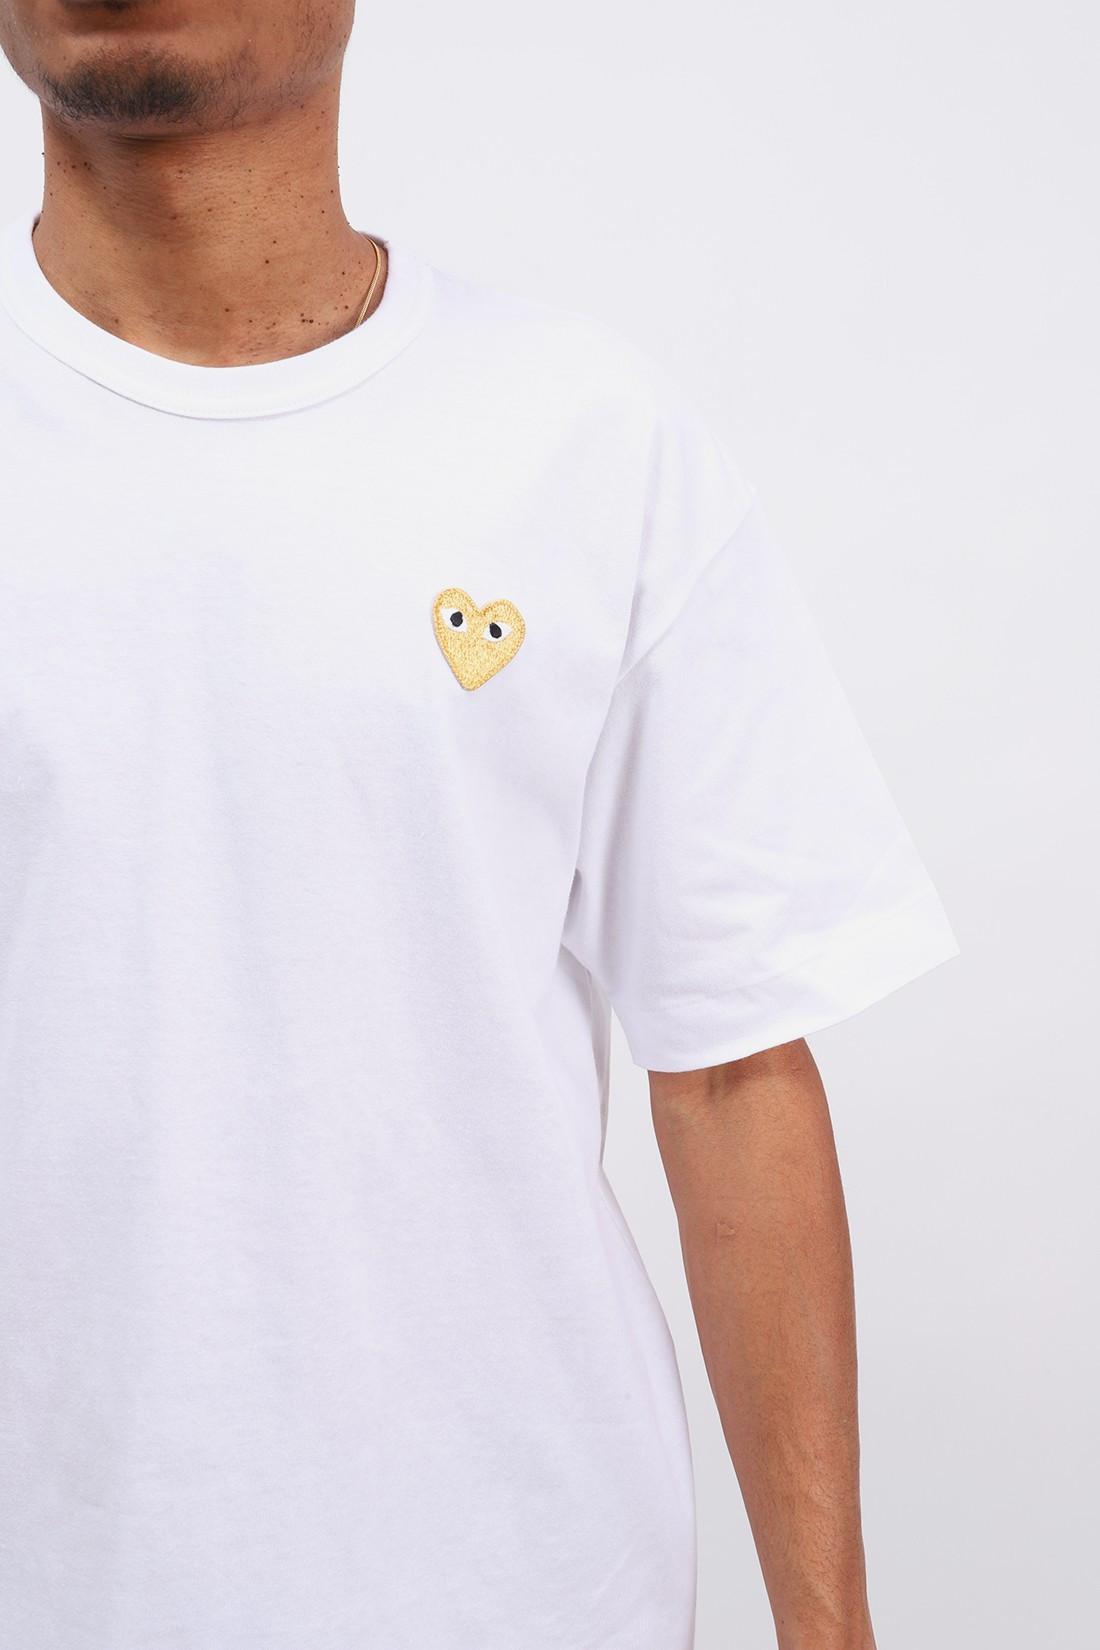 COMME DES GARÇONS PLAY / Play gold heart t-shirt White